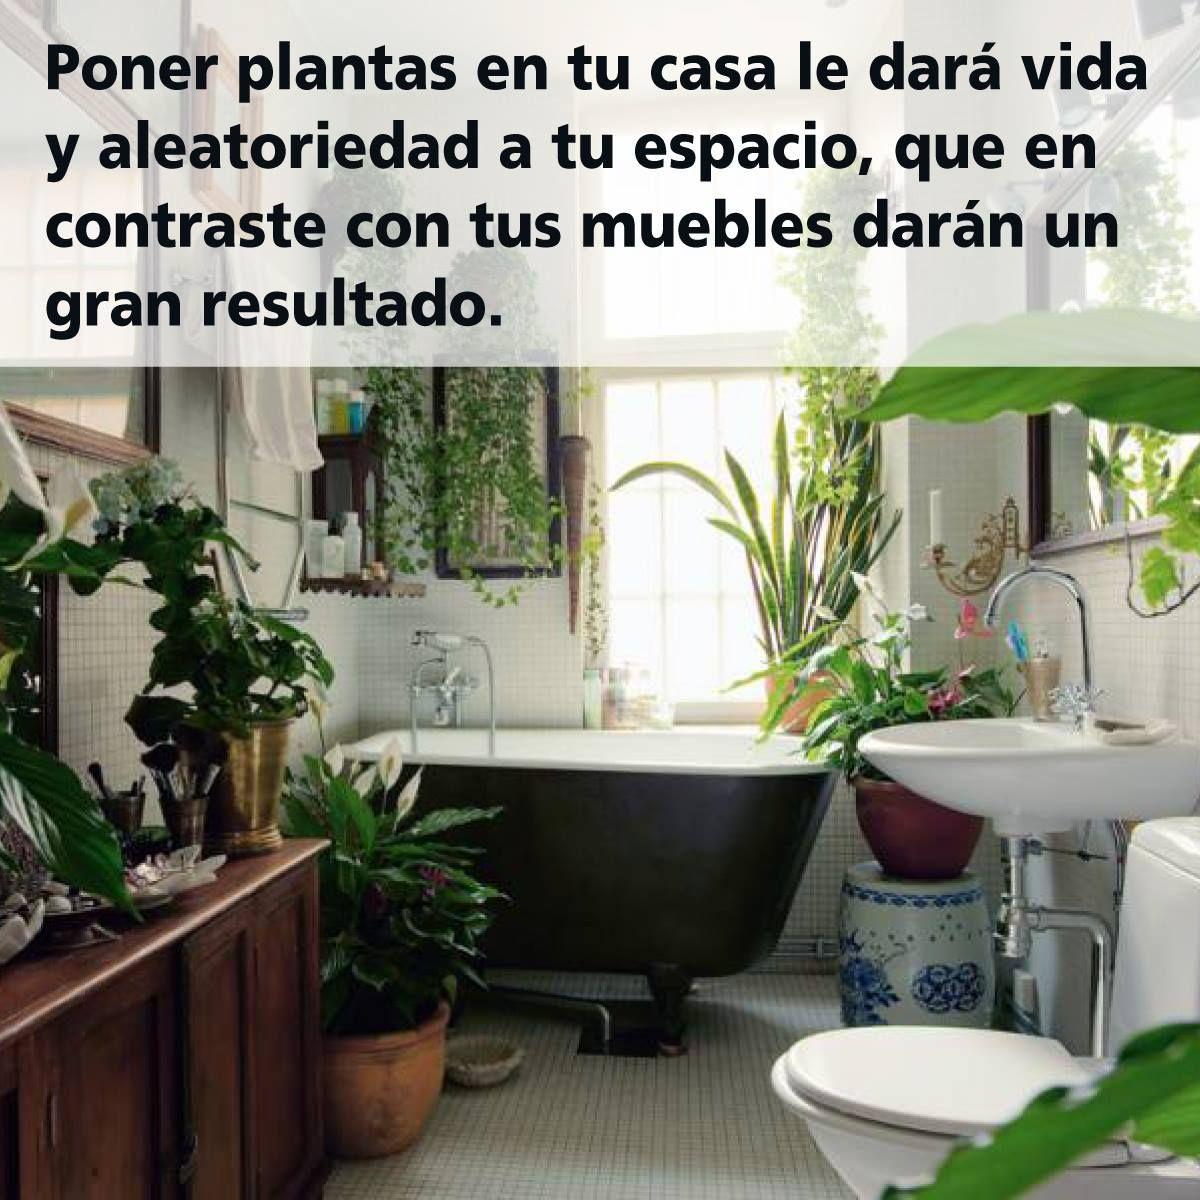 Para Los Amantes De Las Plantas Y Su Buena Compañía No Duden En Ponerlas! U2014